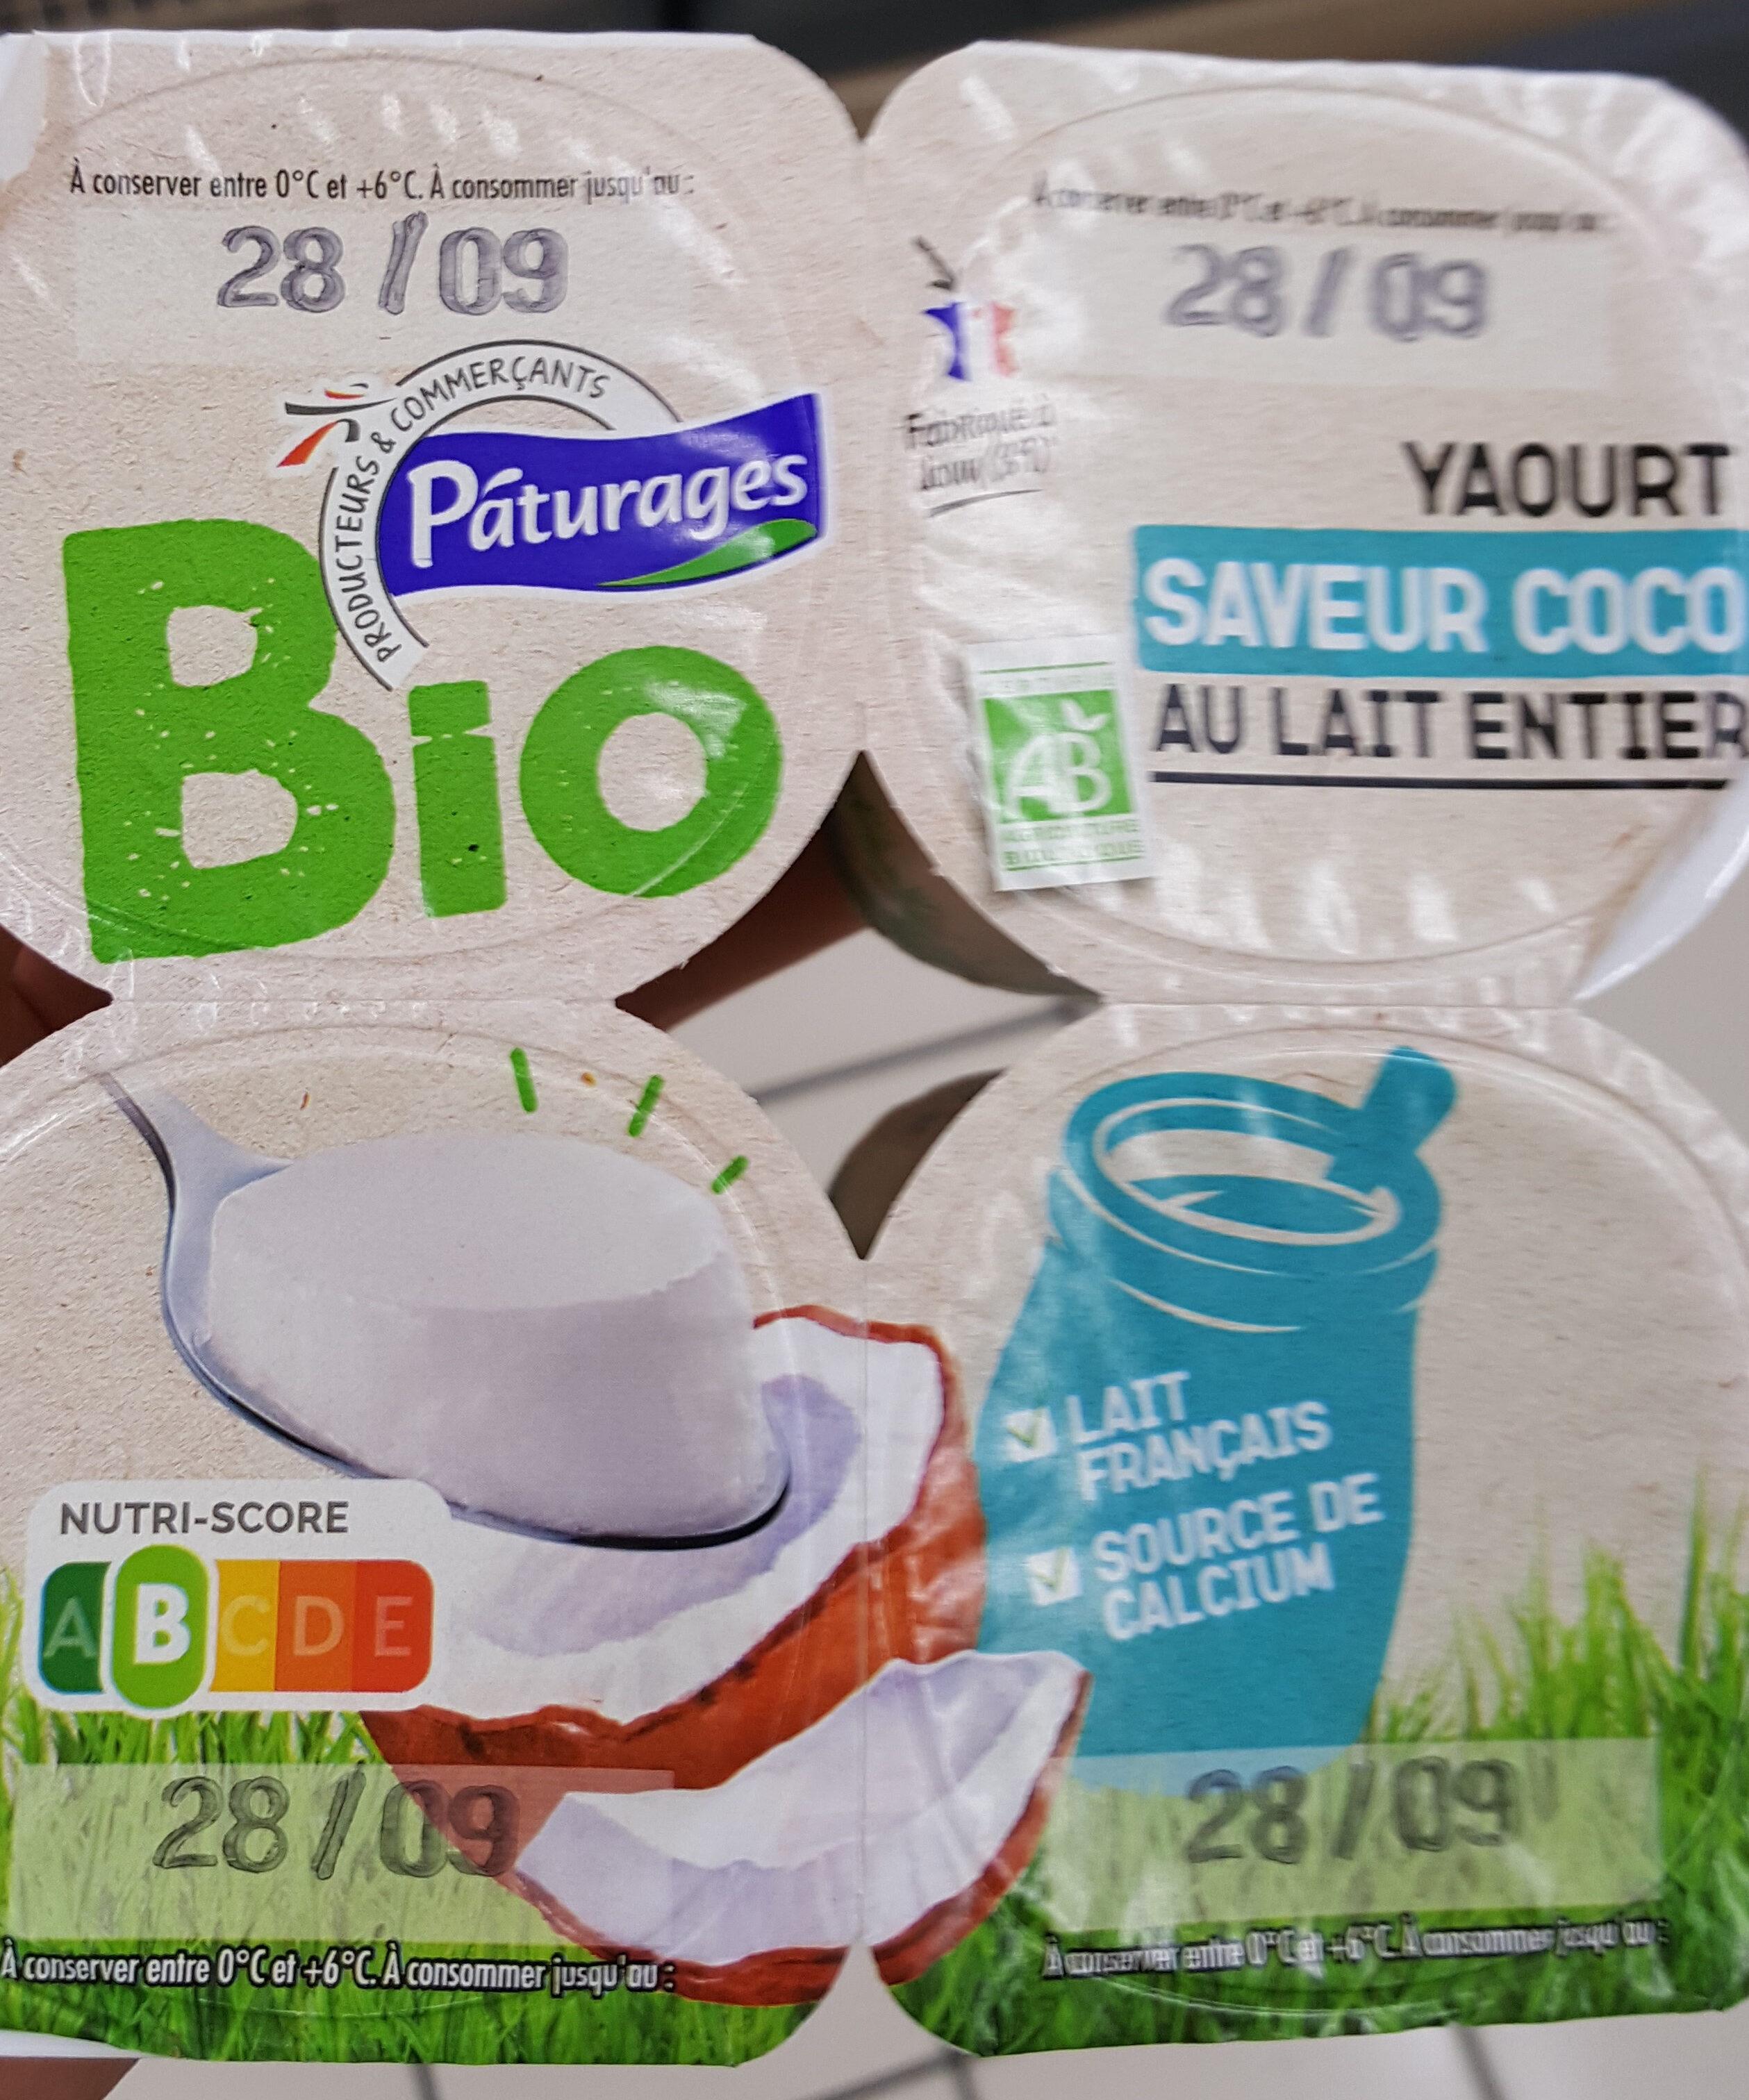 Yaourt bio Au lait entier saveur Coco - Product